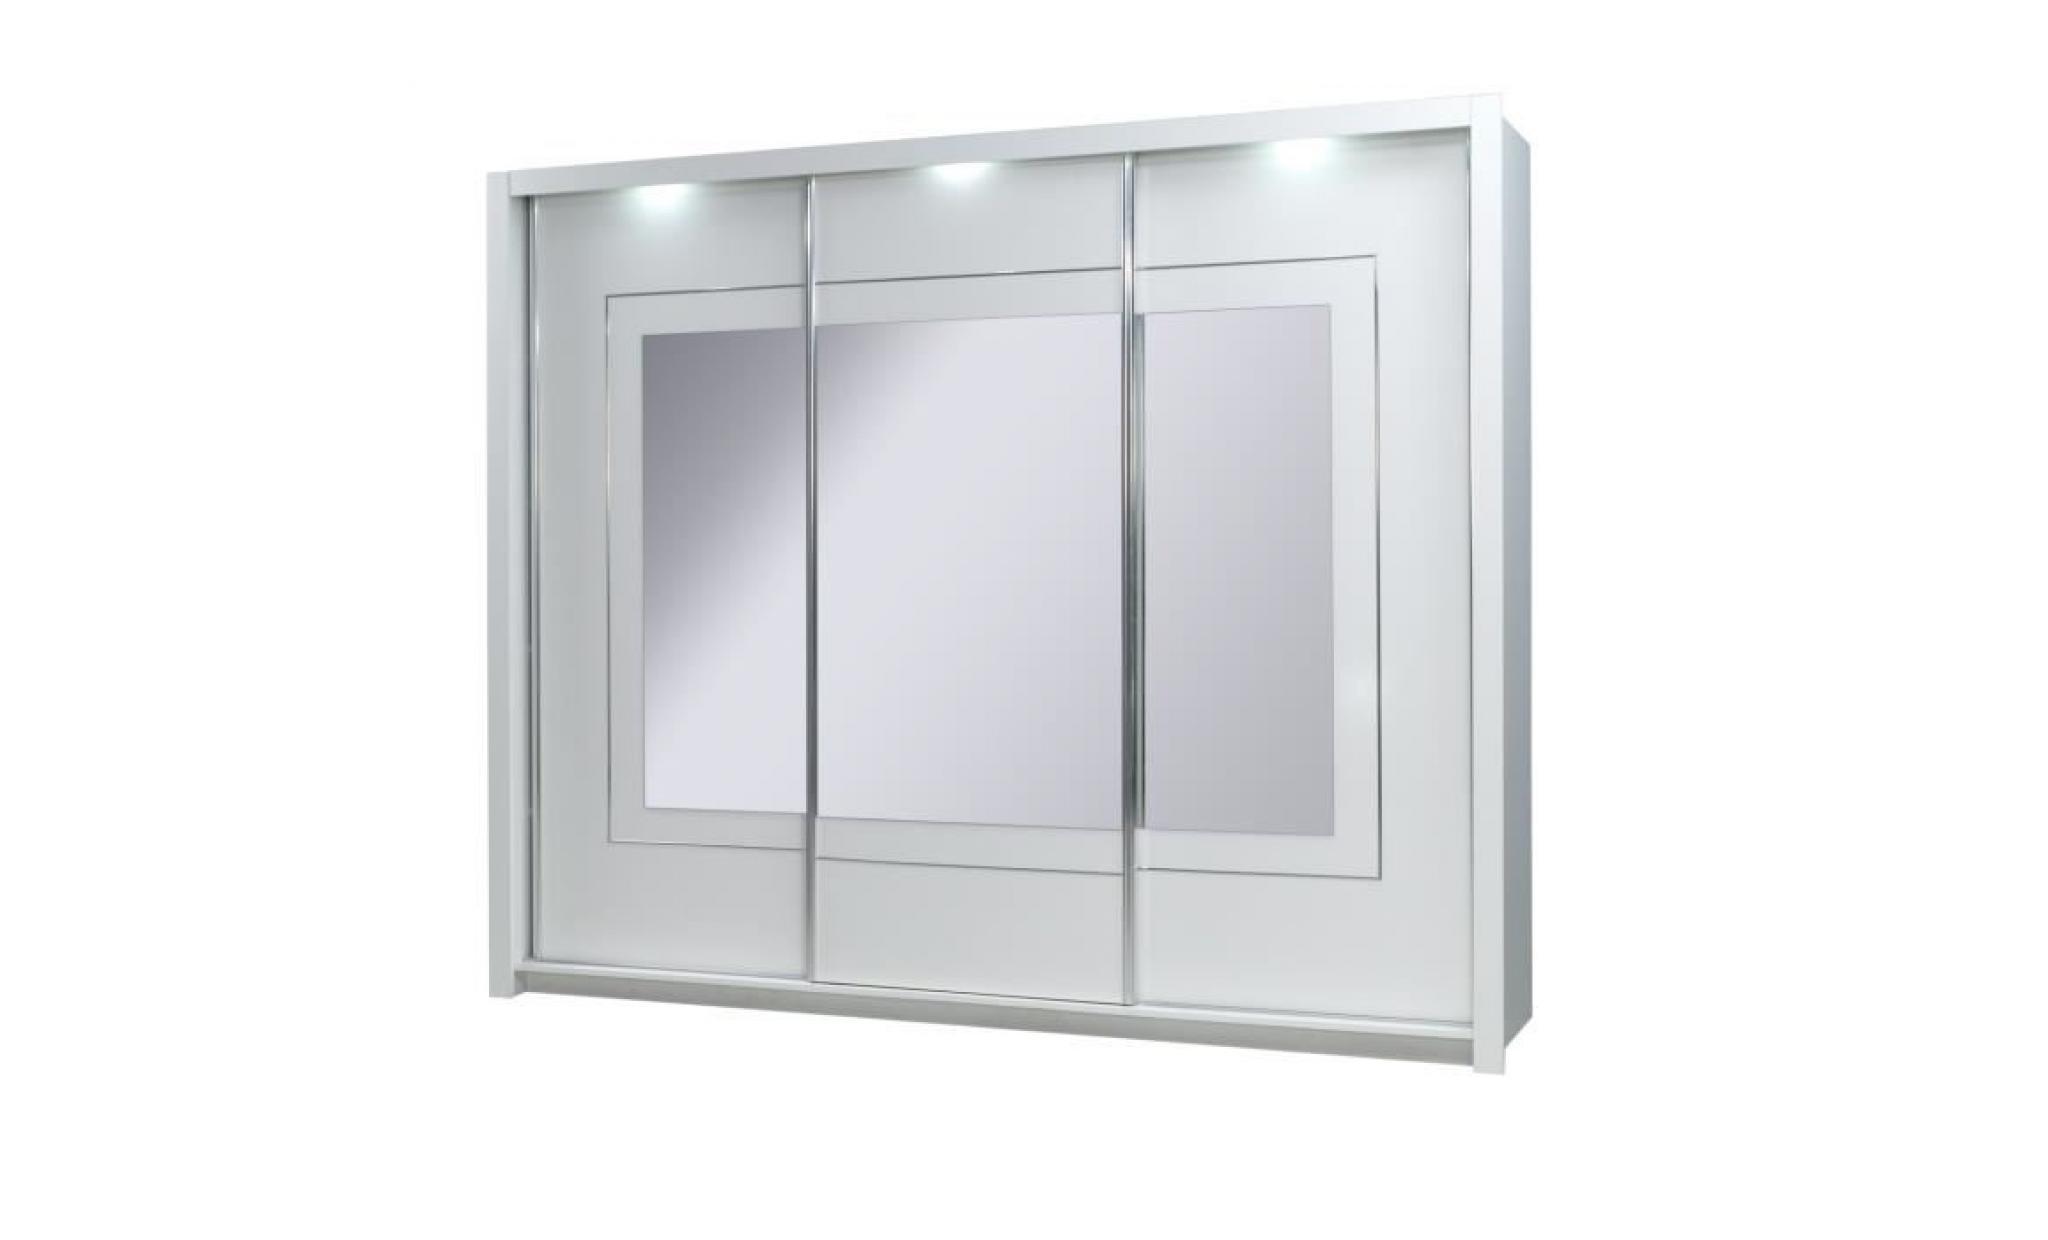 Armoire 3 portes coulissantes panarea miroirs led achat for Portes coulissantes miroir